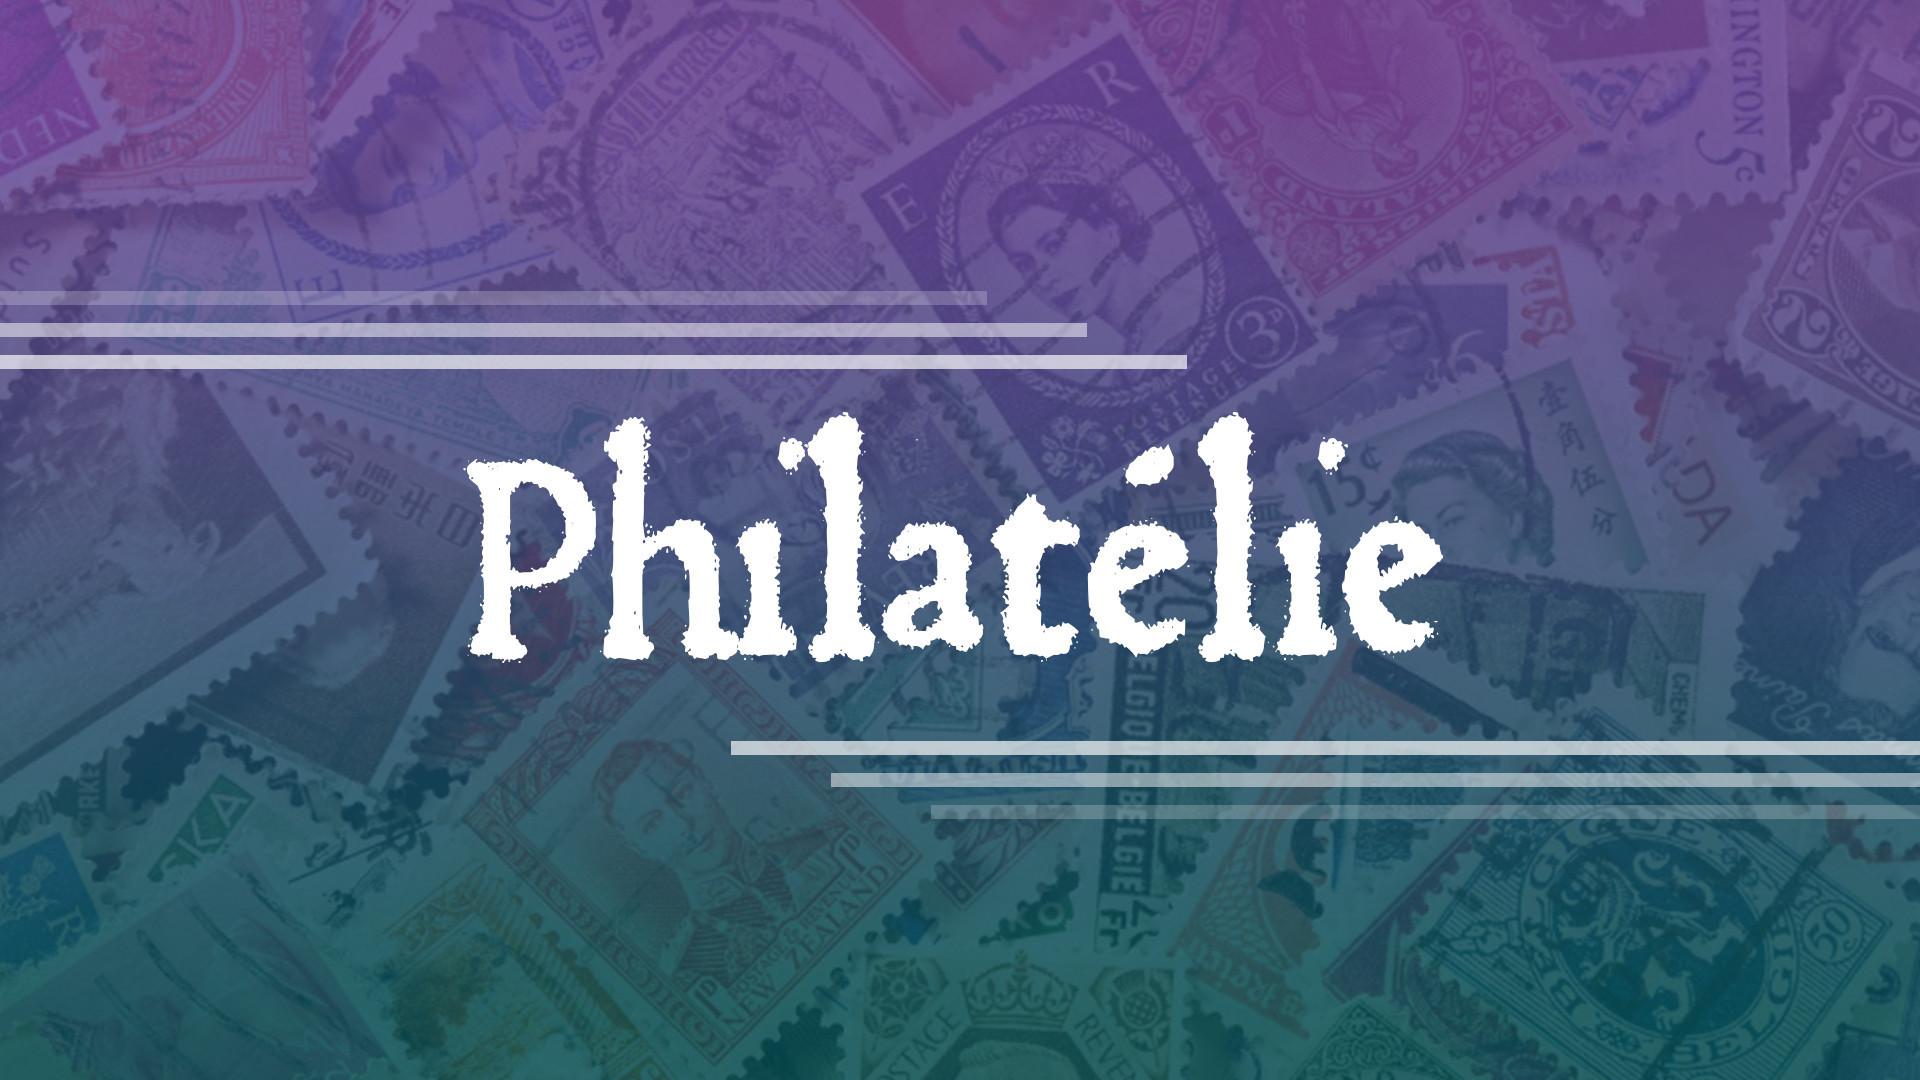 Philatelie